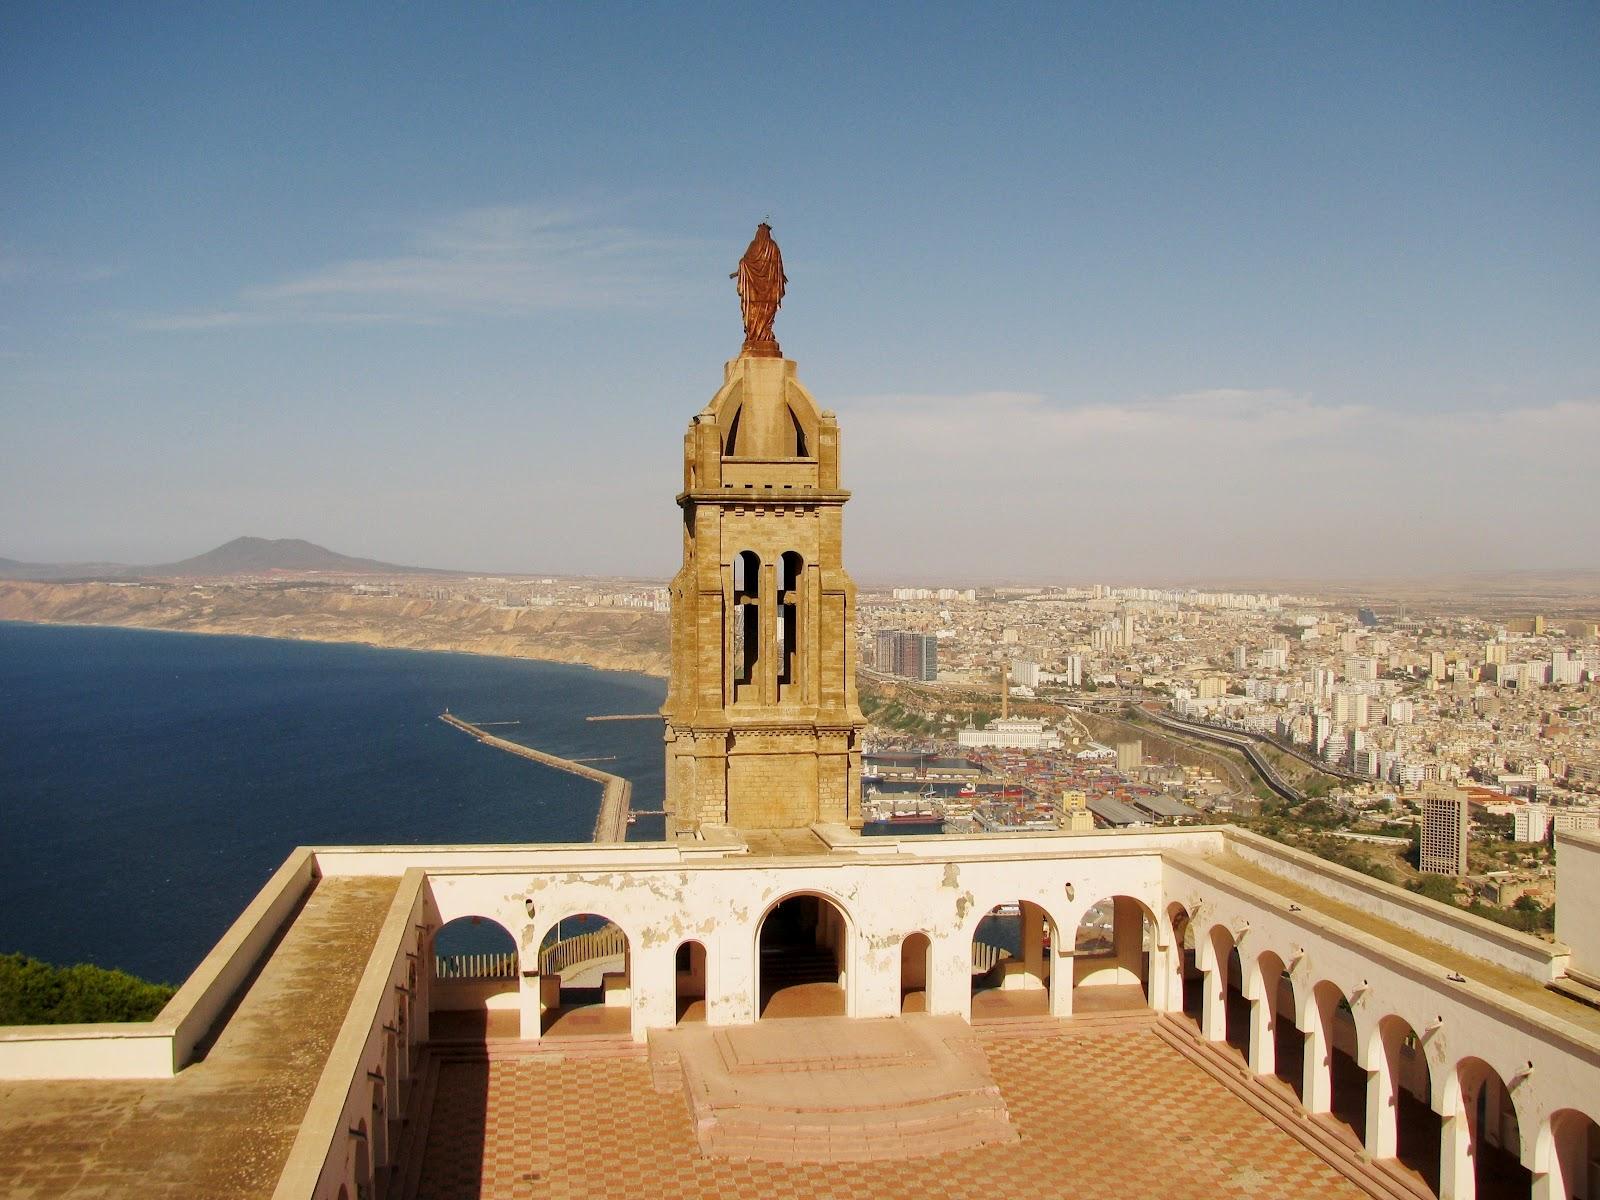 algeria (1)